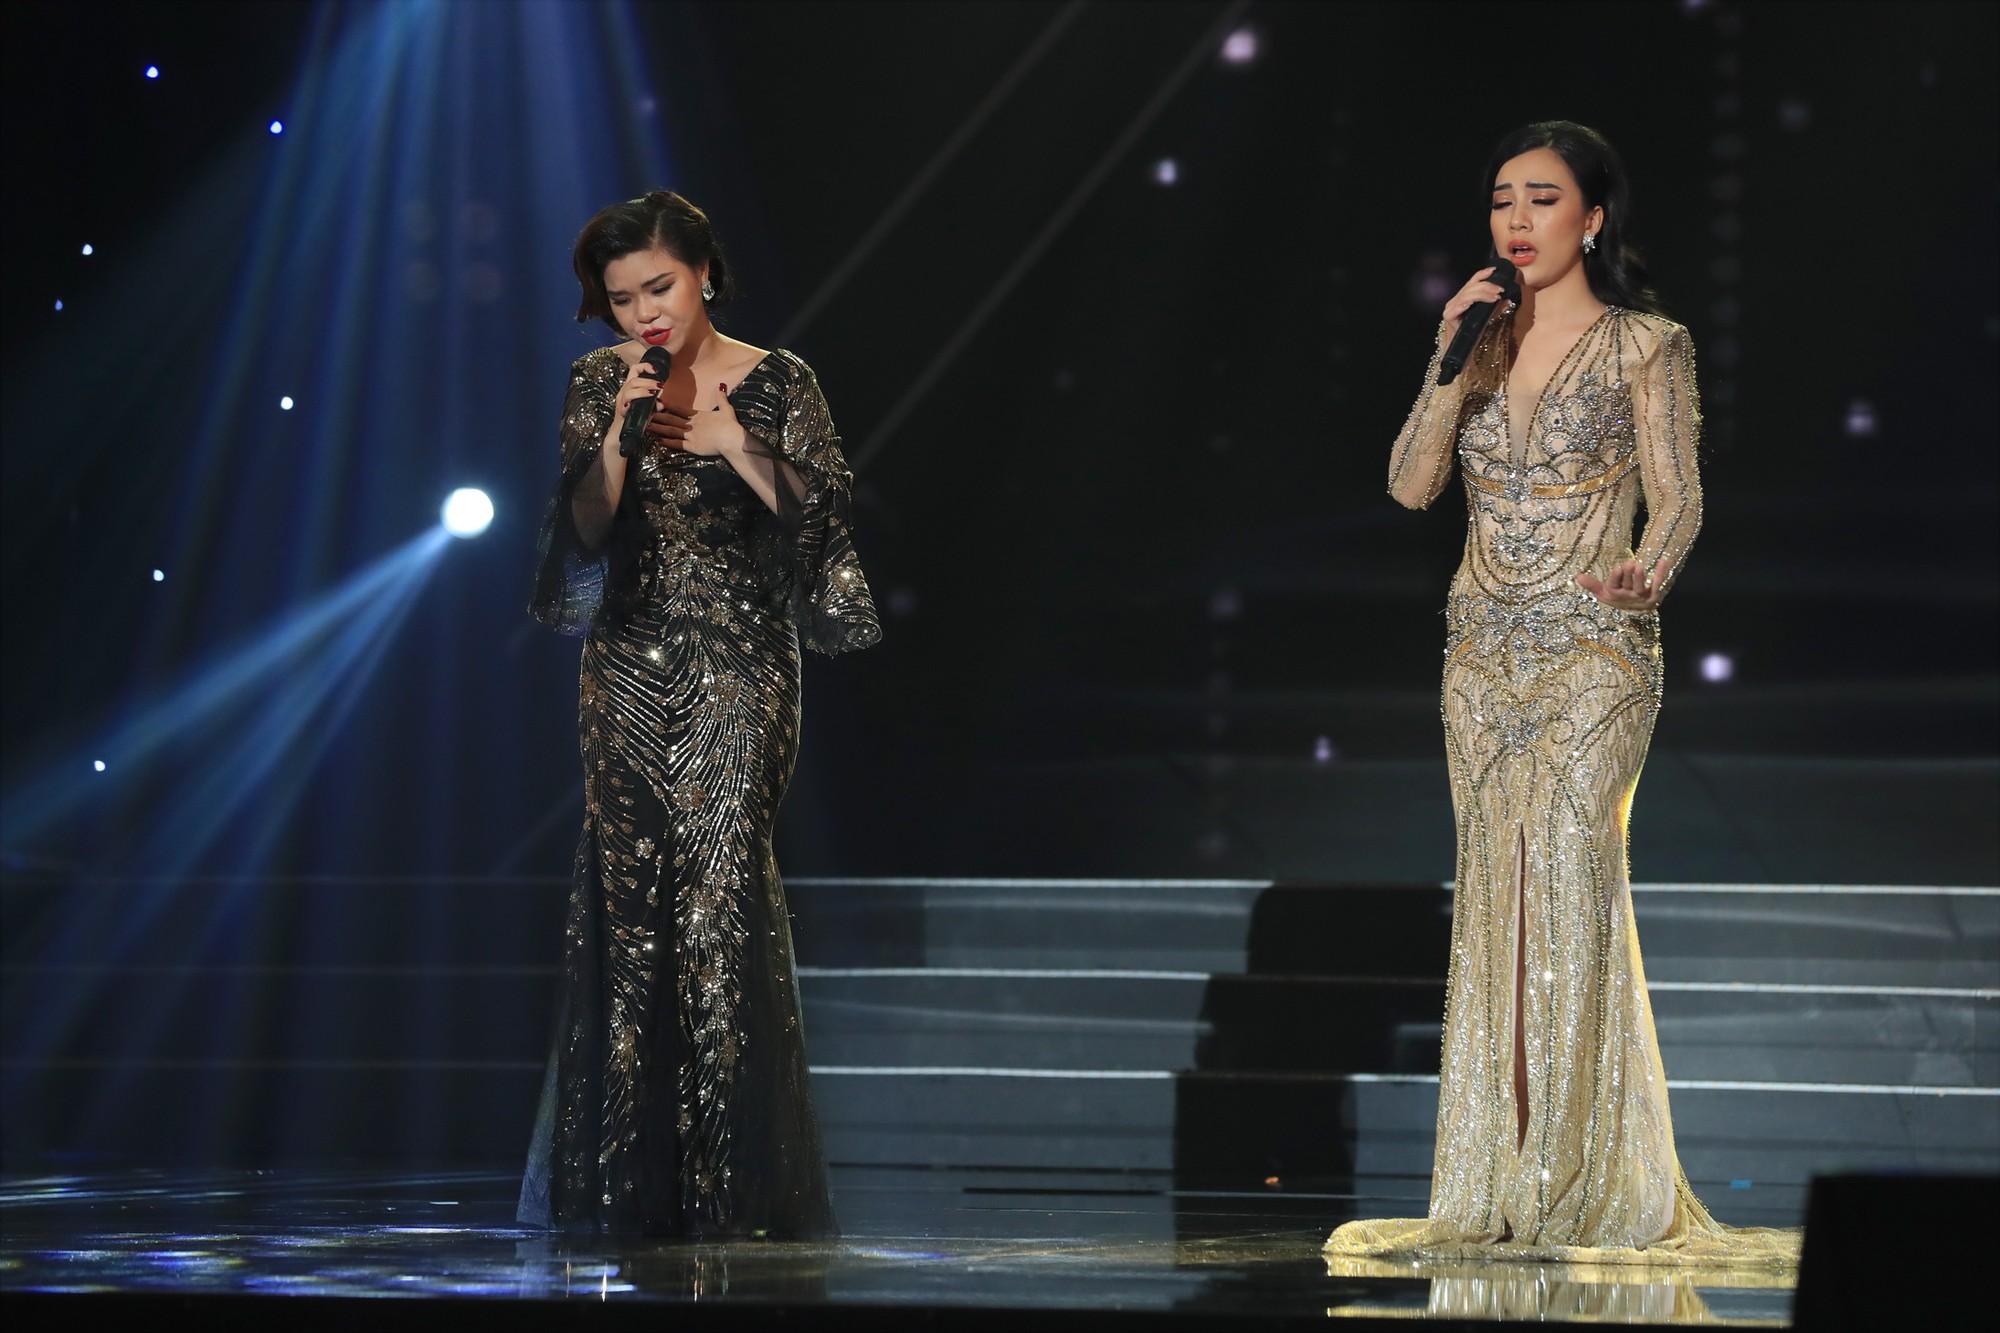 Trấn Thành bật khóc khi có thí sinh giả quá giống thần tượng Như Quỳnh trên sân khấu - Ảnh 10.